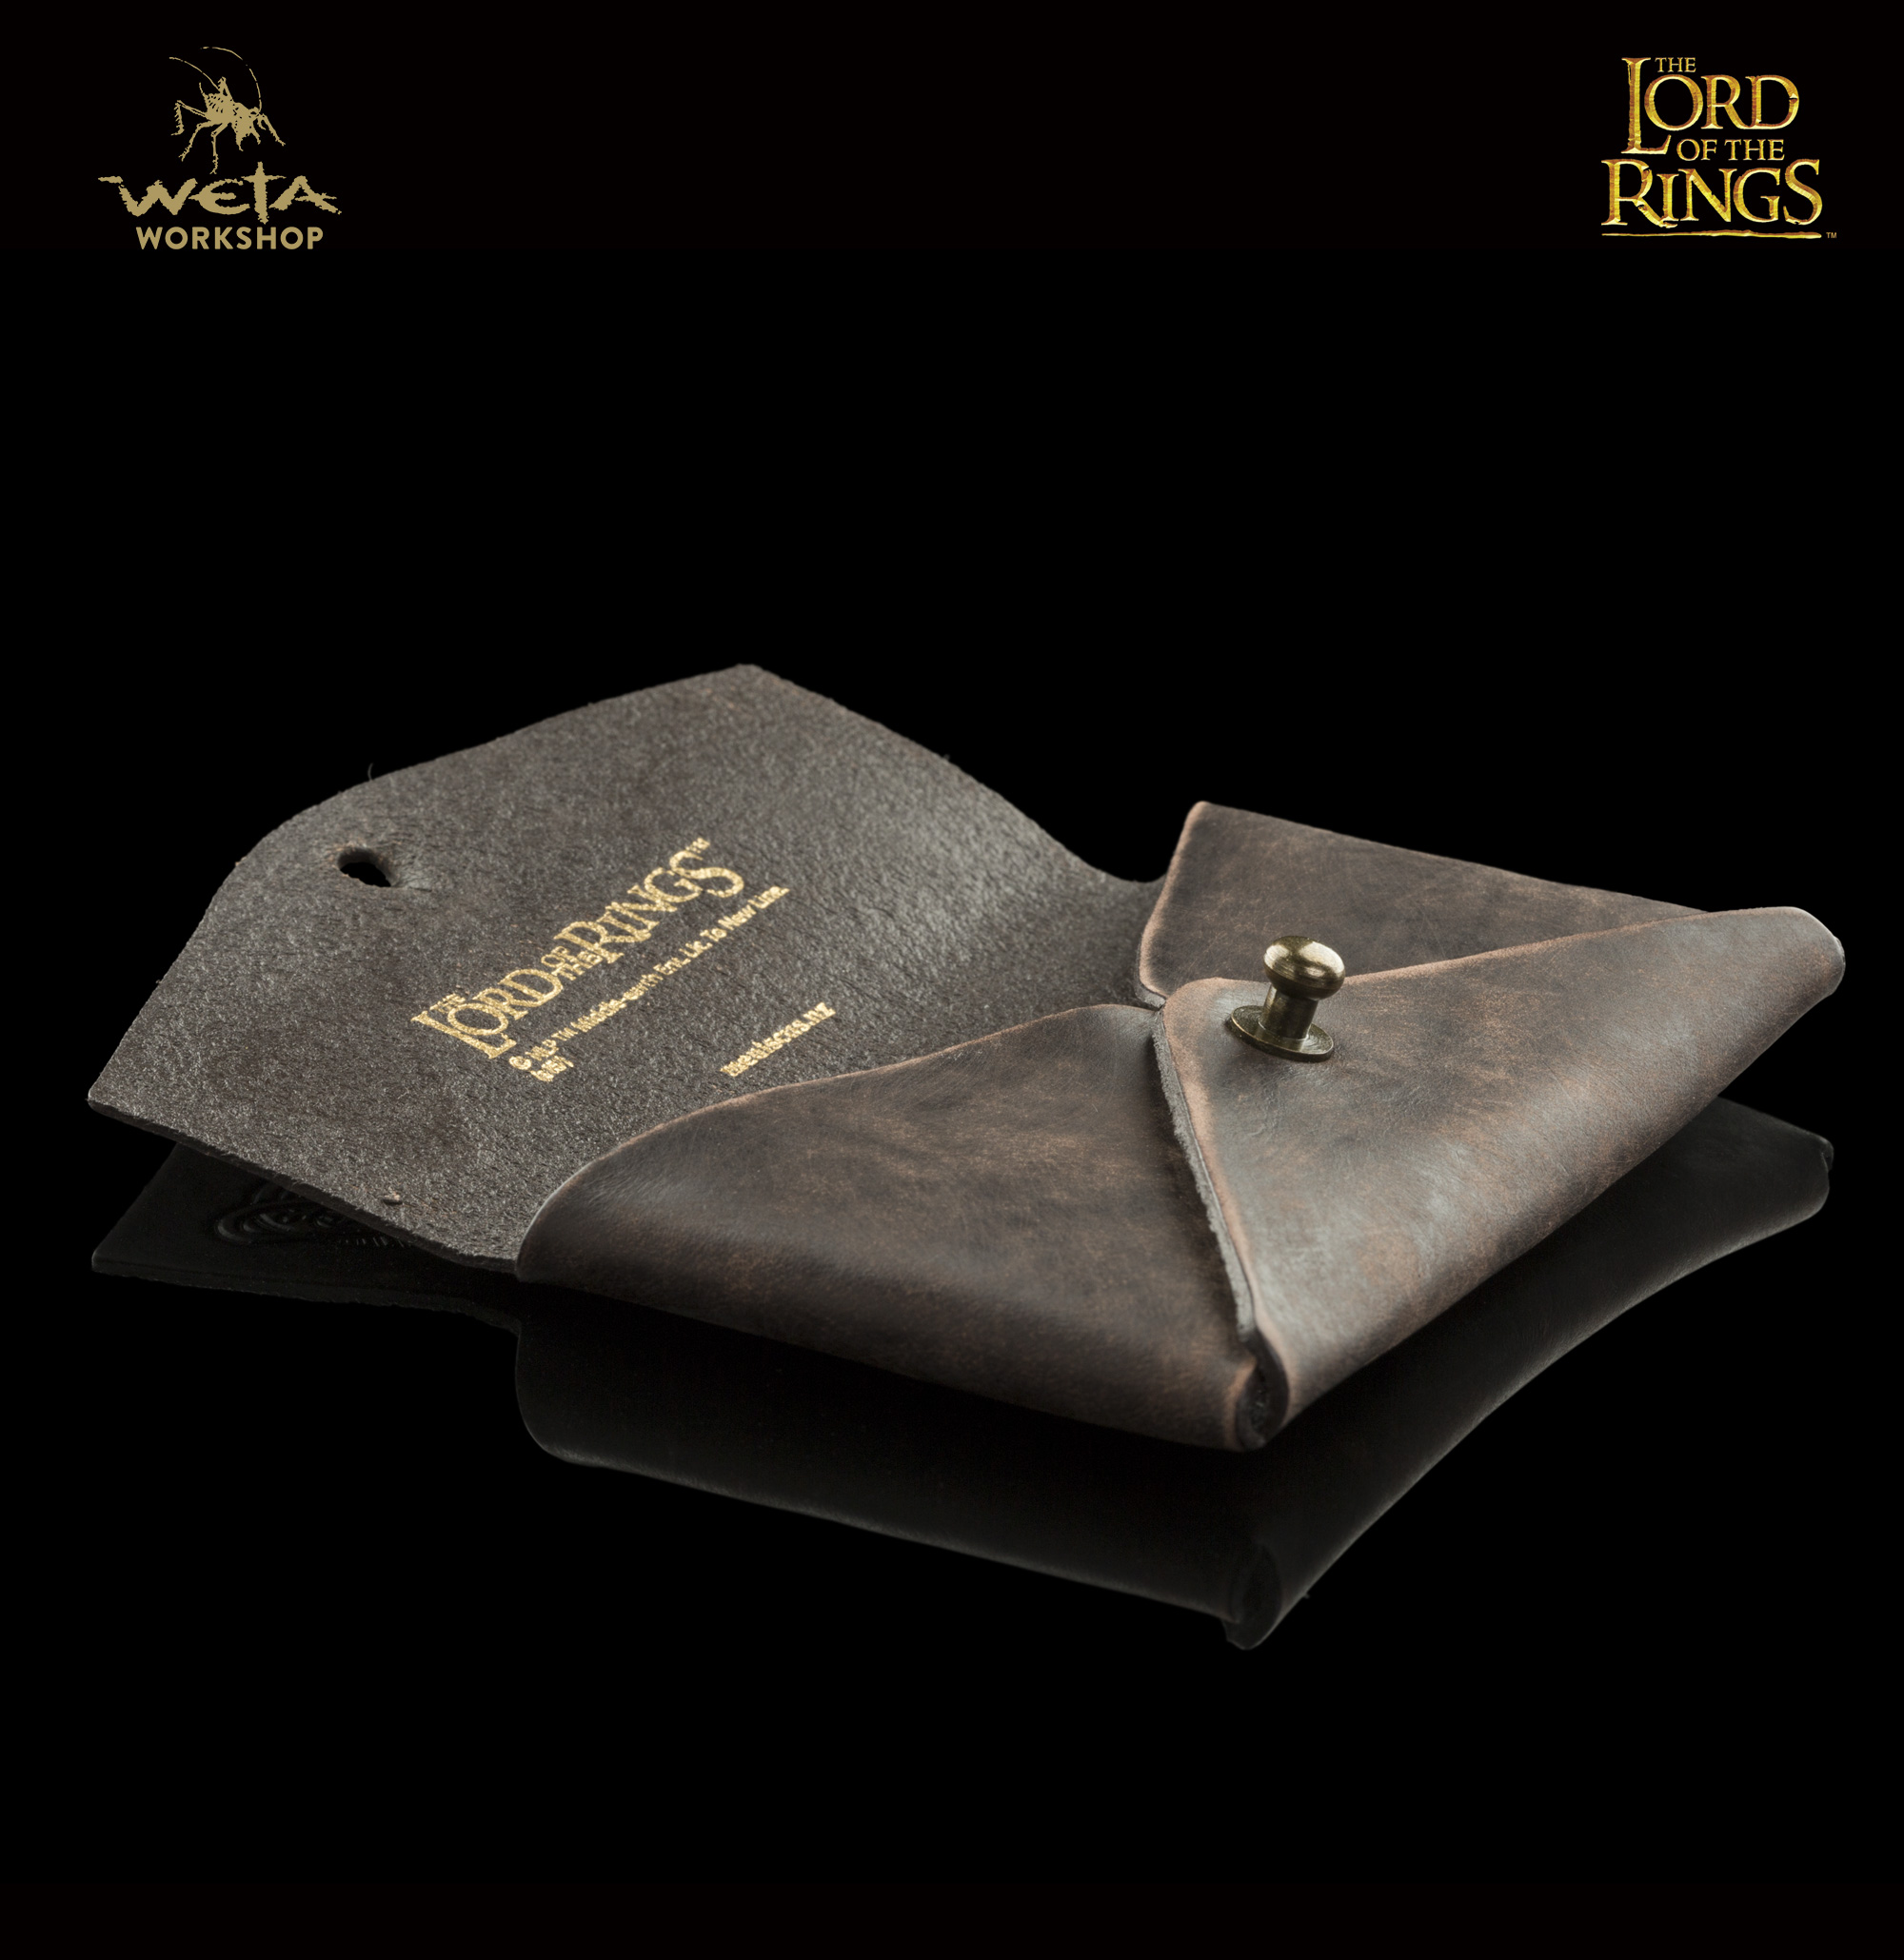 ロード・オブ・ザ・リング ロハンの馬 財布 レザー